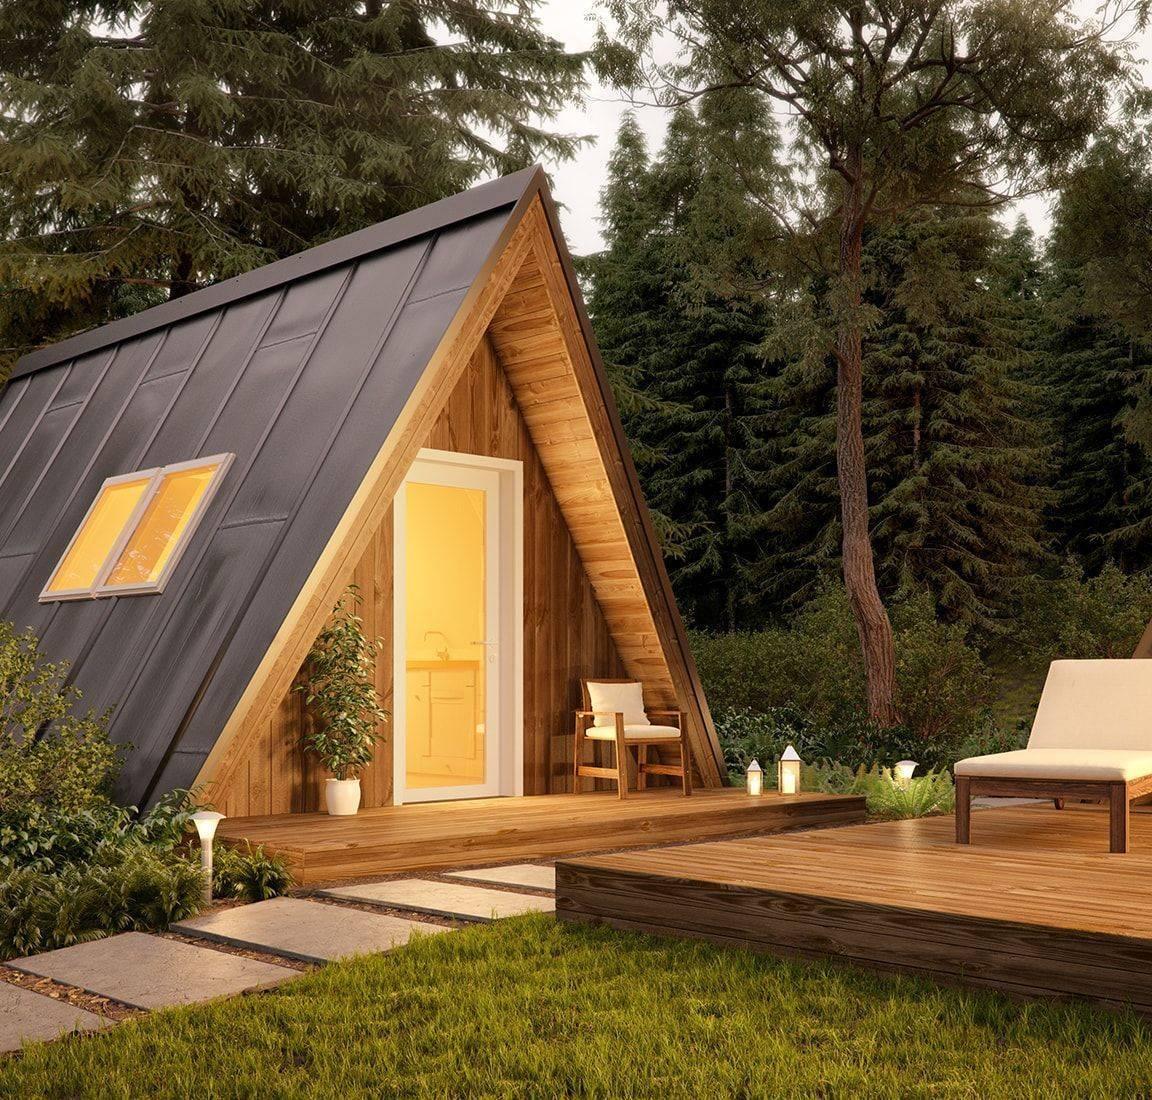 Дом-шалаш — оригинальный вариант загородной постройки и необычная альтернатива стандартным дачным домикам - квартира, дом, дача - медиаплатформа миртесен